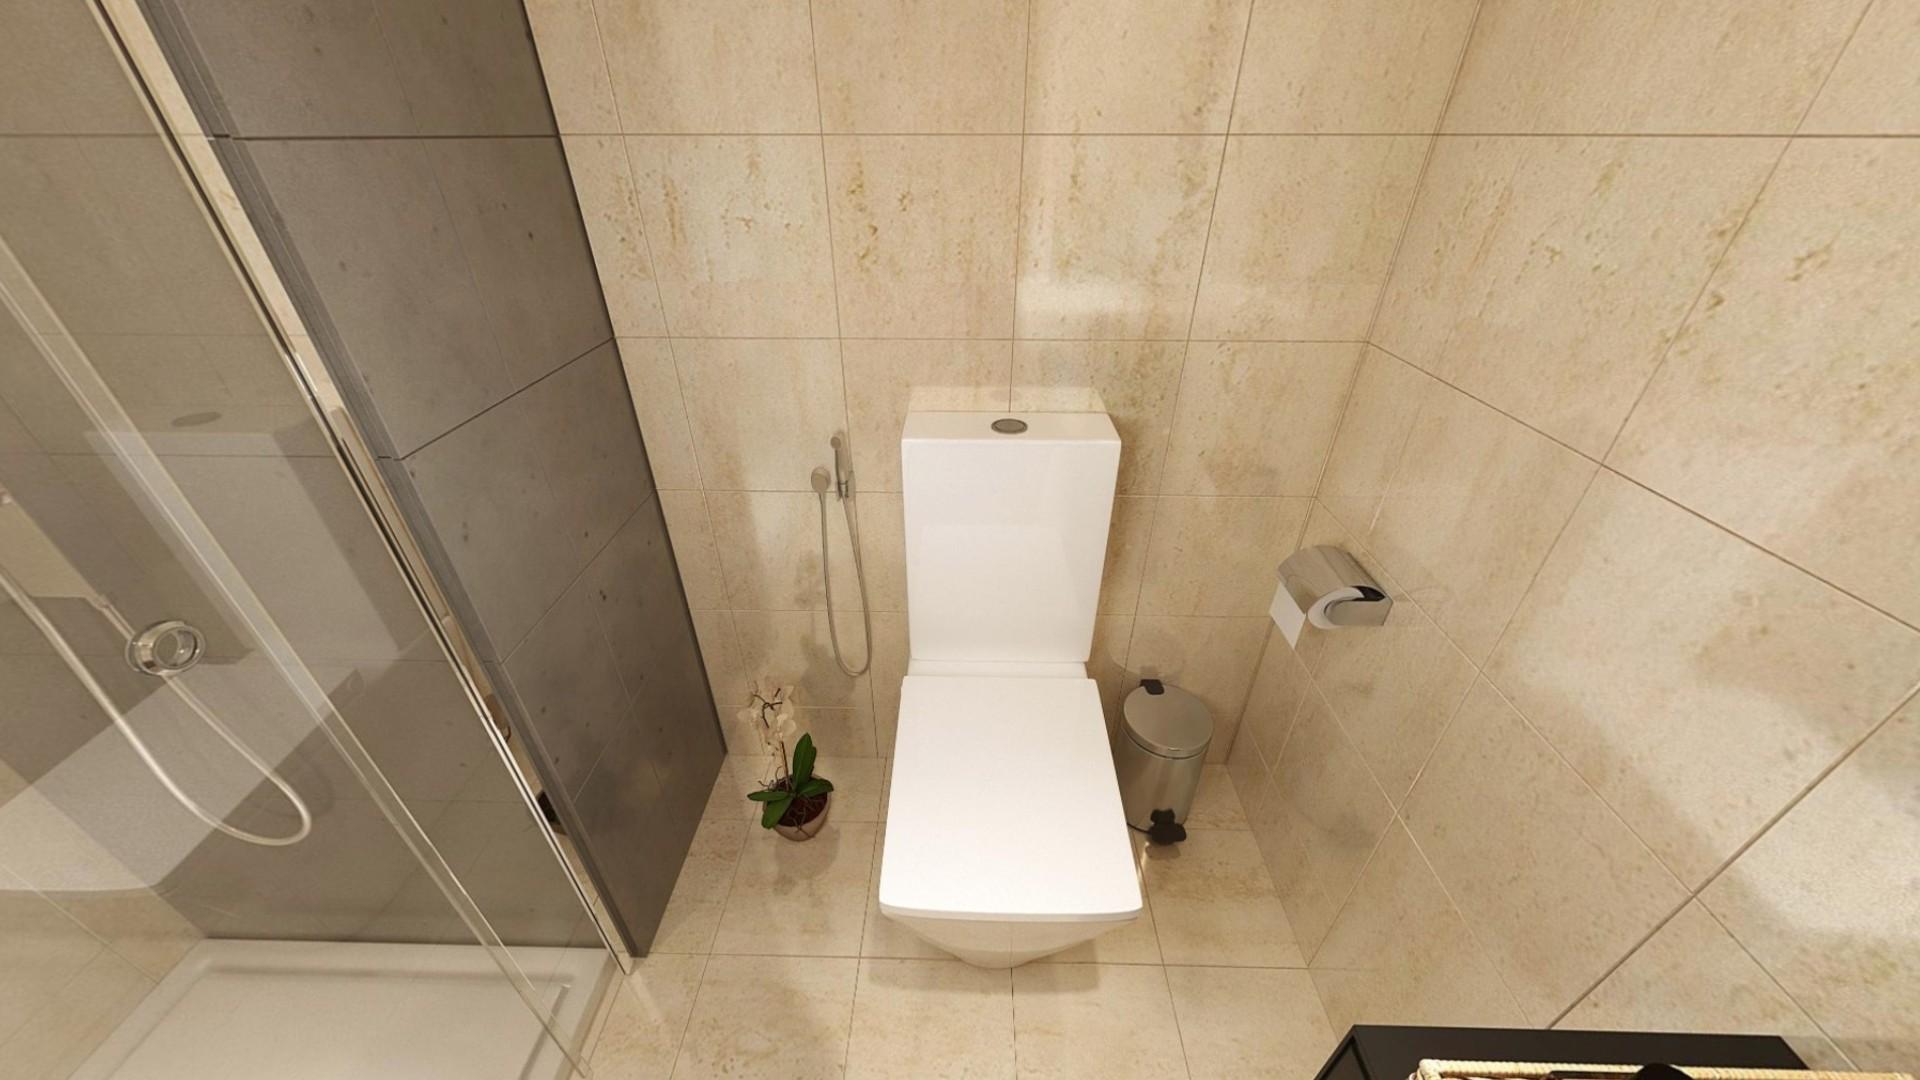 Adosado en venta en Dubai, EAU, 1 dormitorio, 90 m2, № 24557 – foto 5